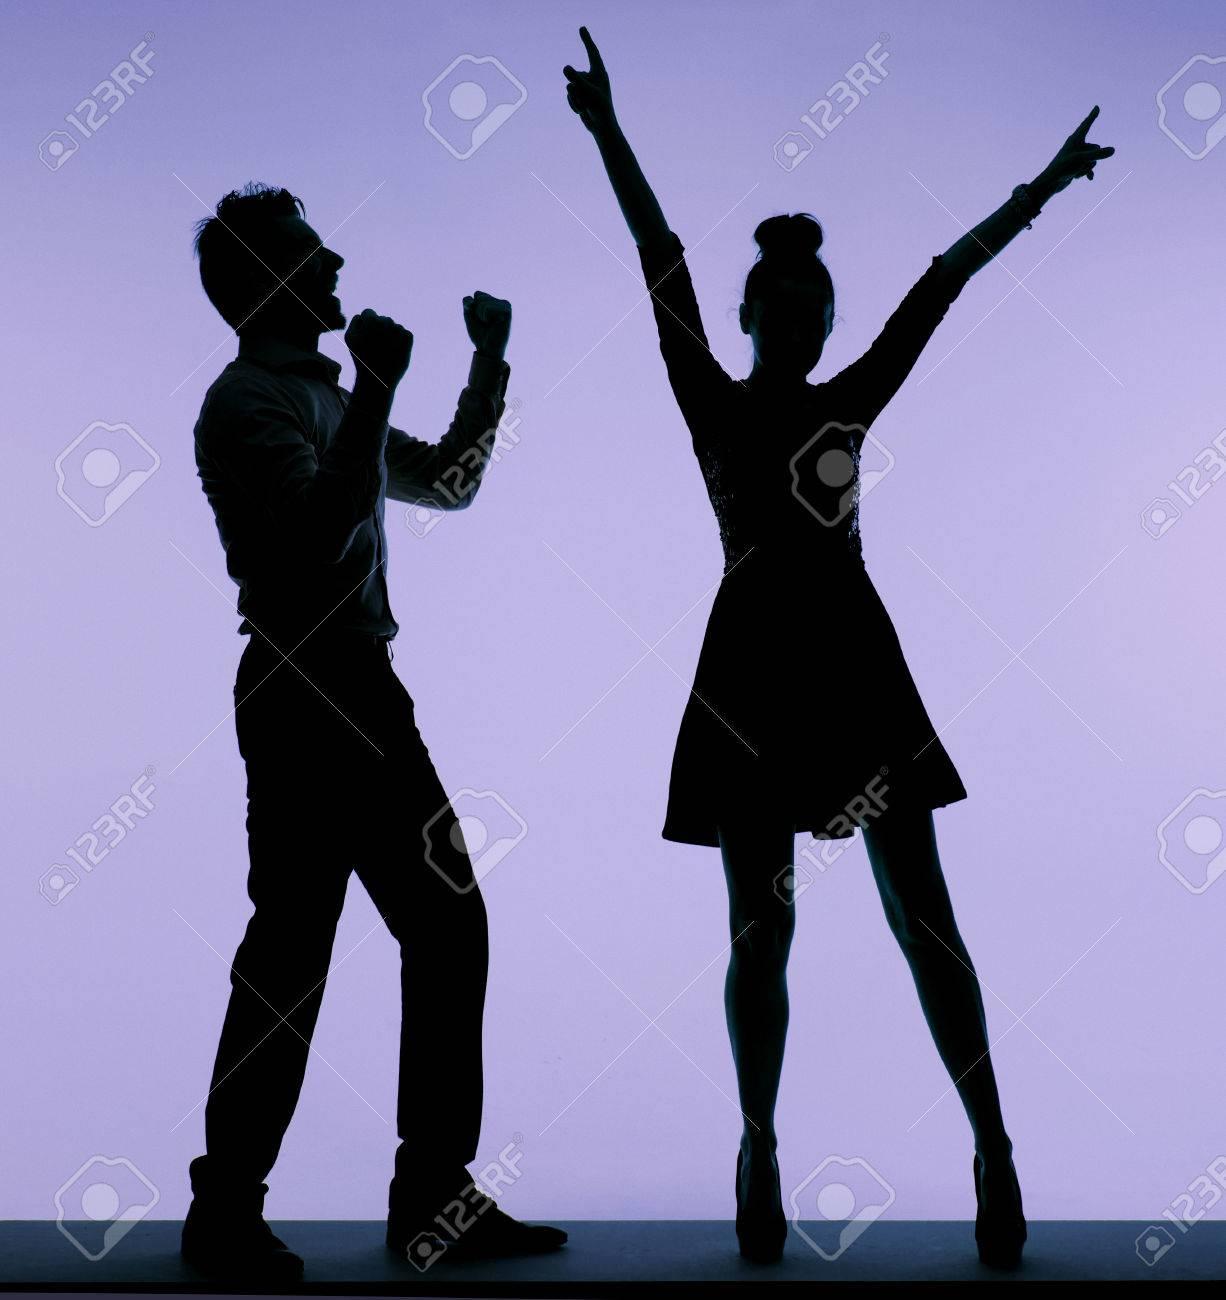 Joyful young people dancing together Stock Photo - 29748447